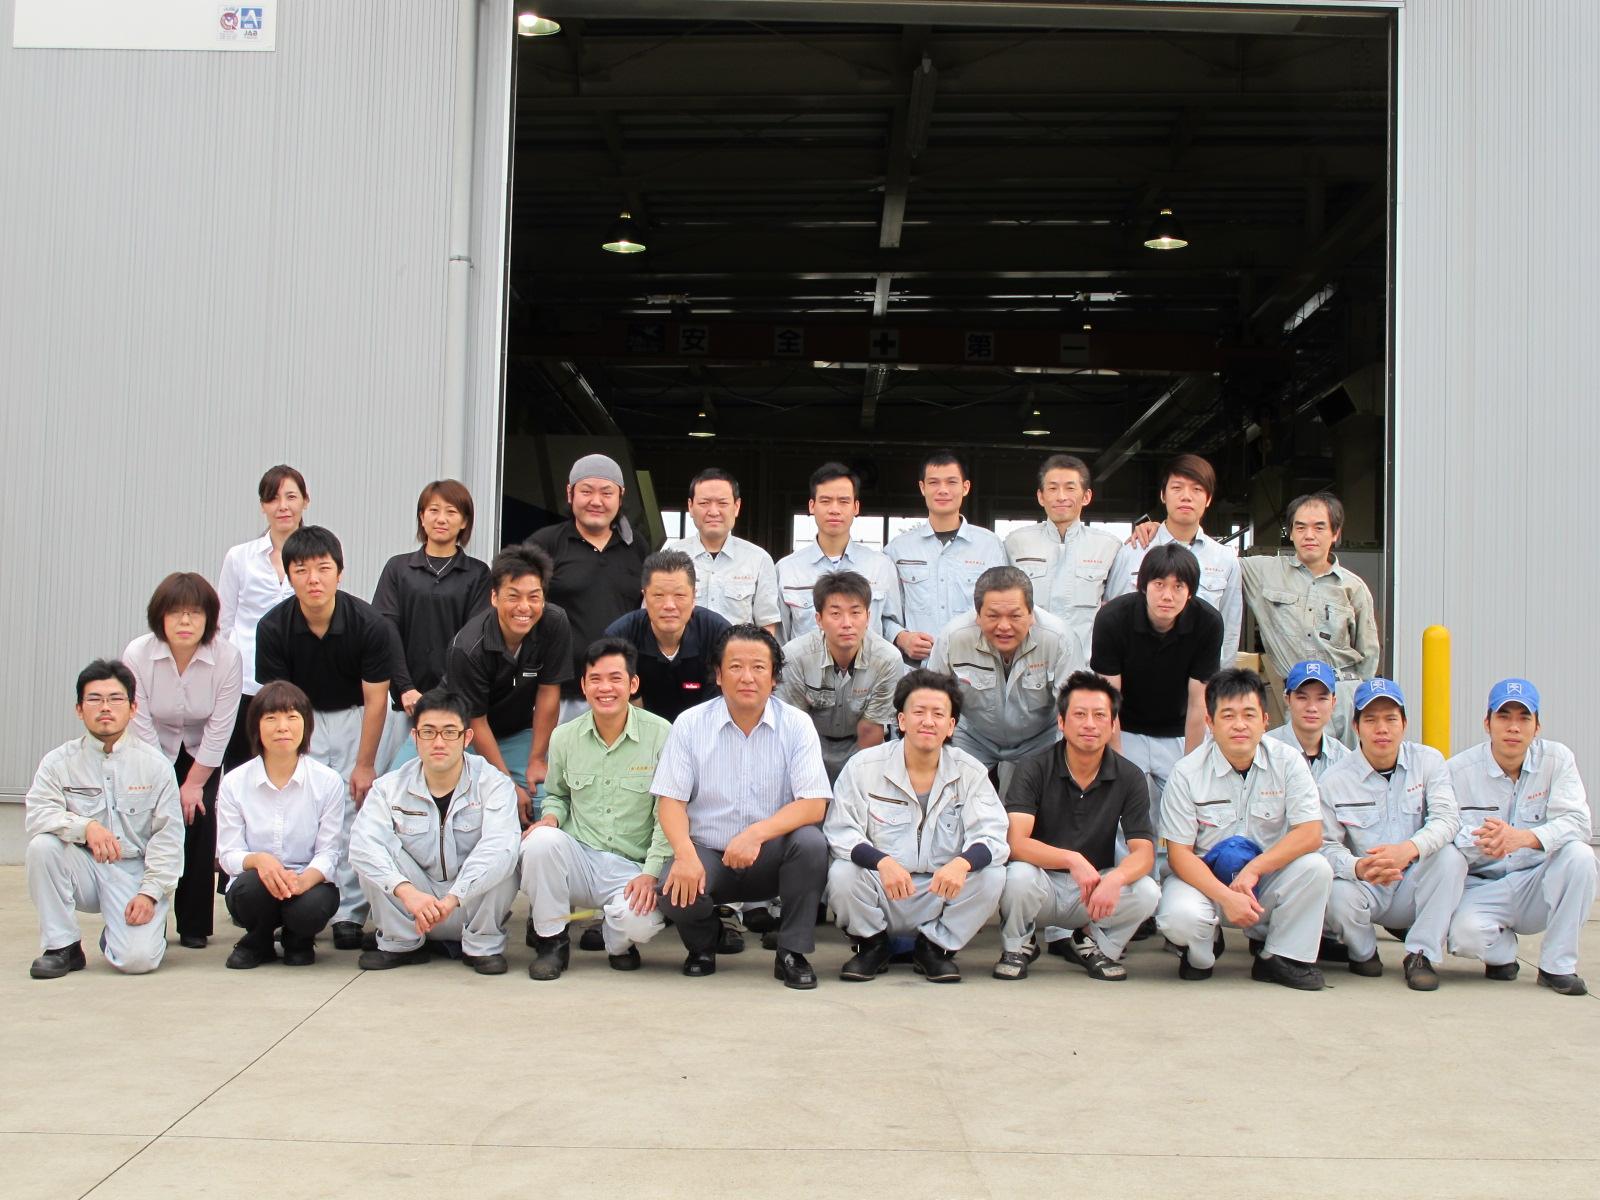 岩本鉄工所様集合写真20140812